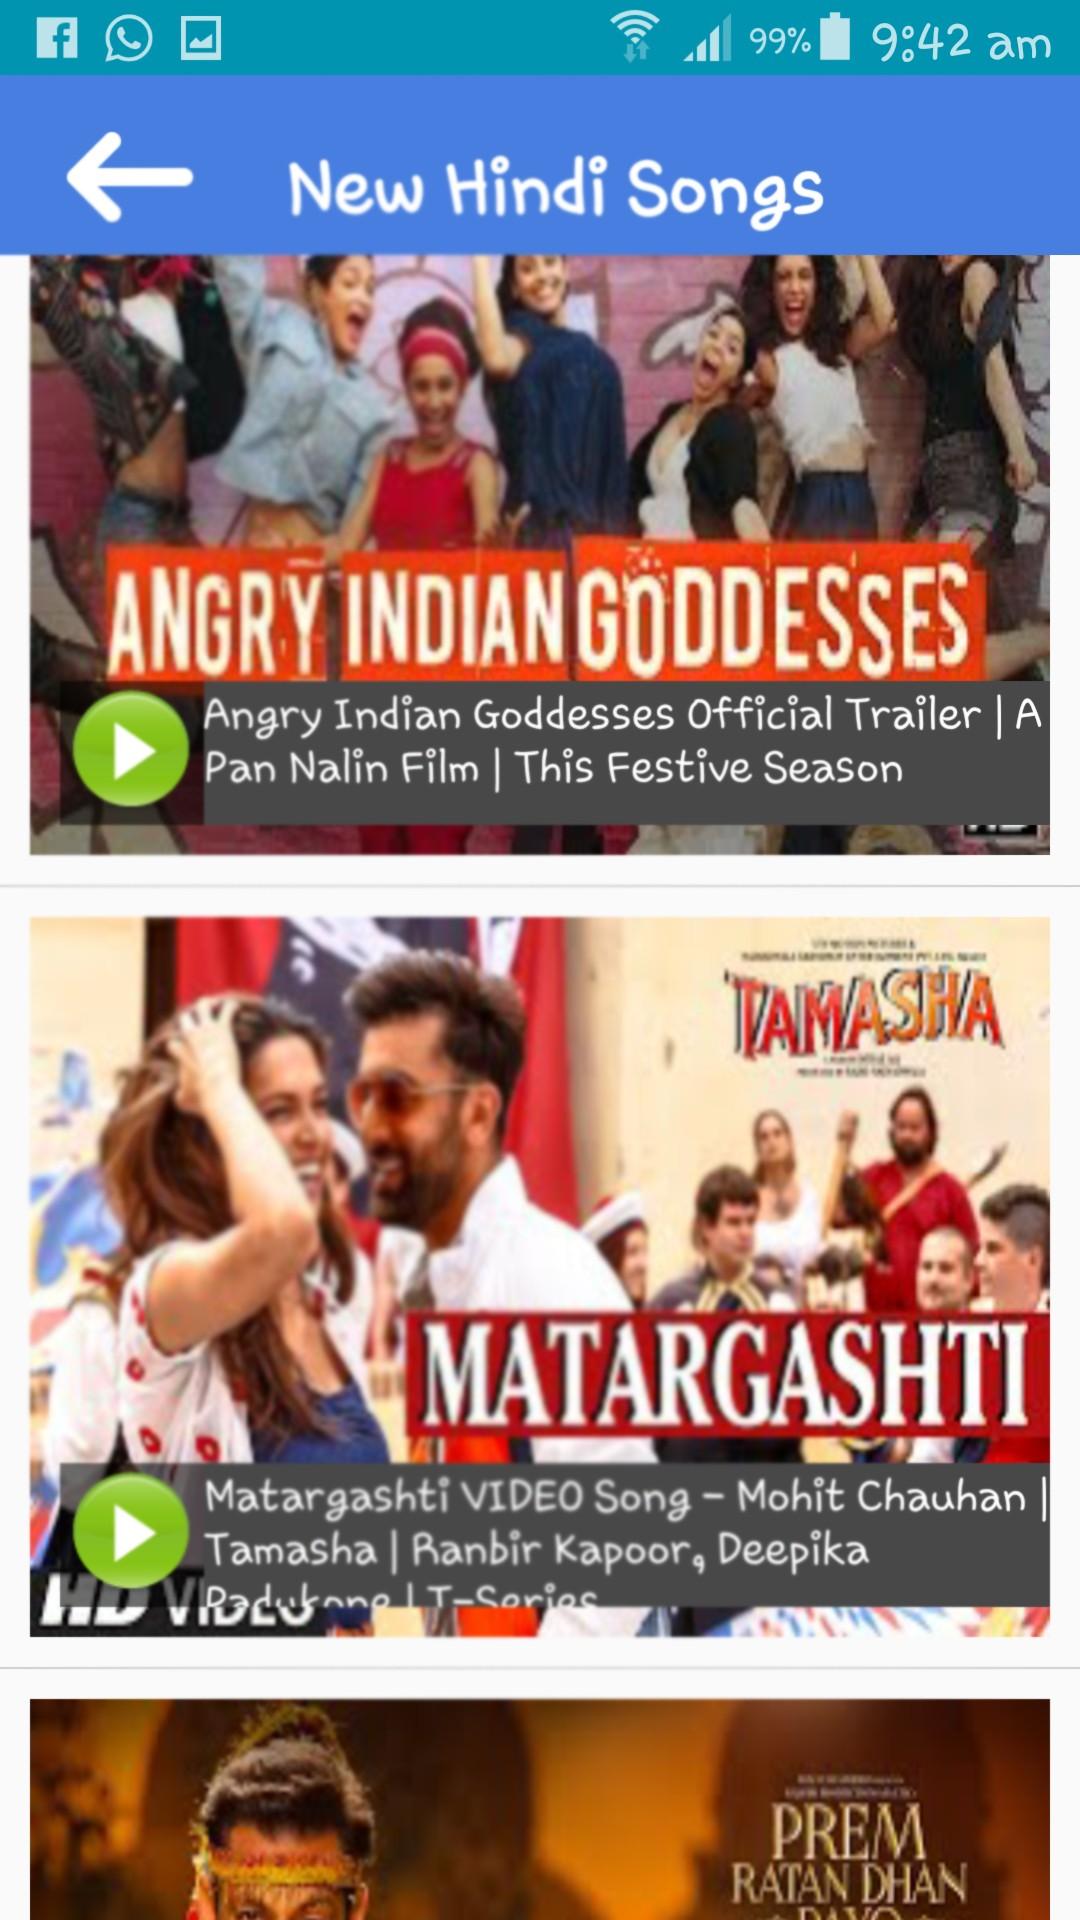 New Hindi Songs 2016